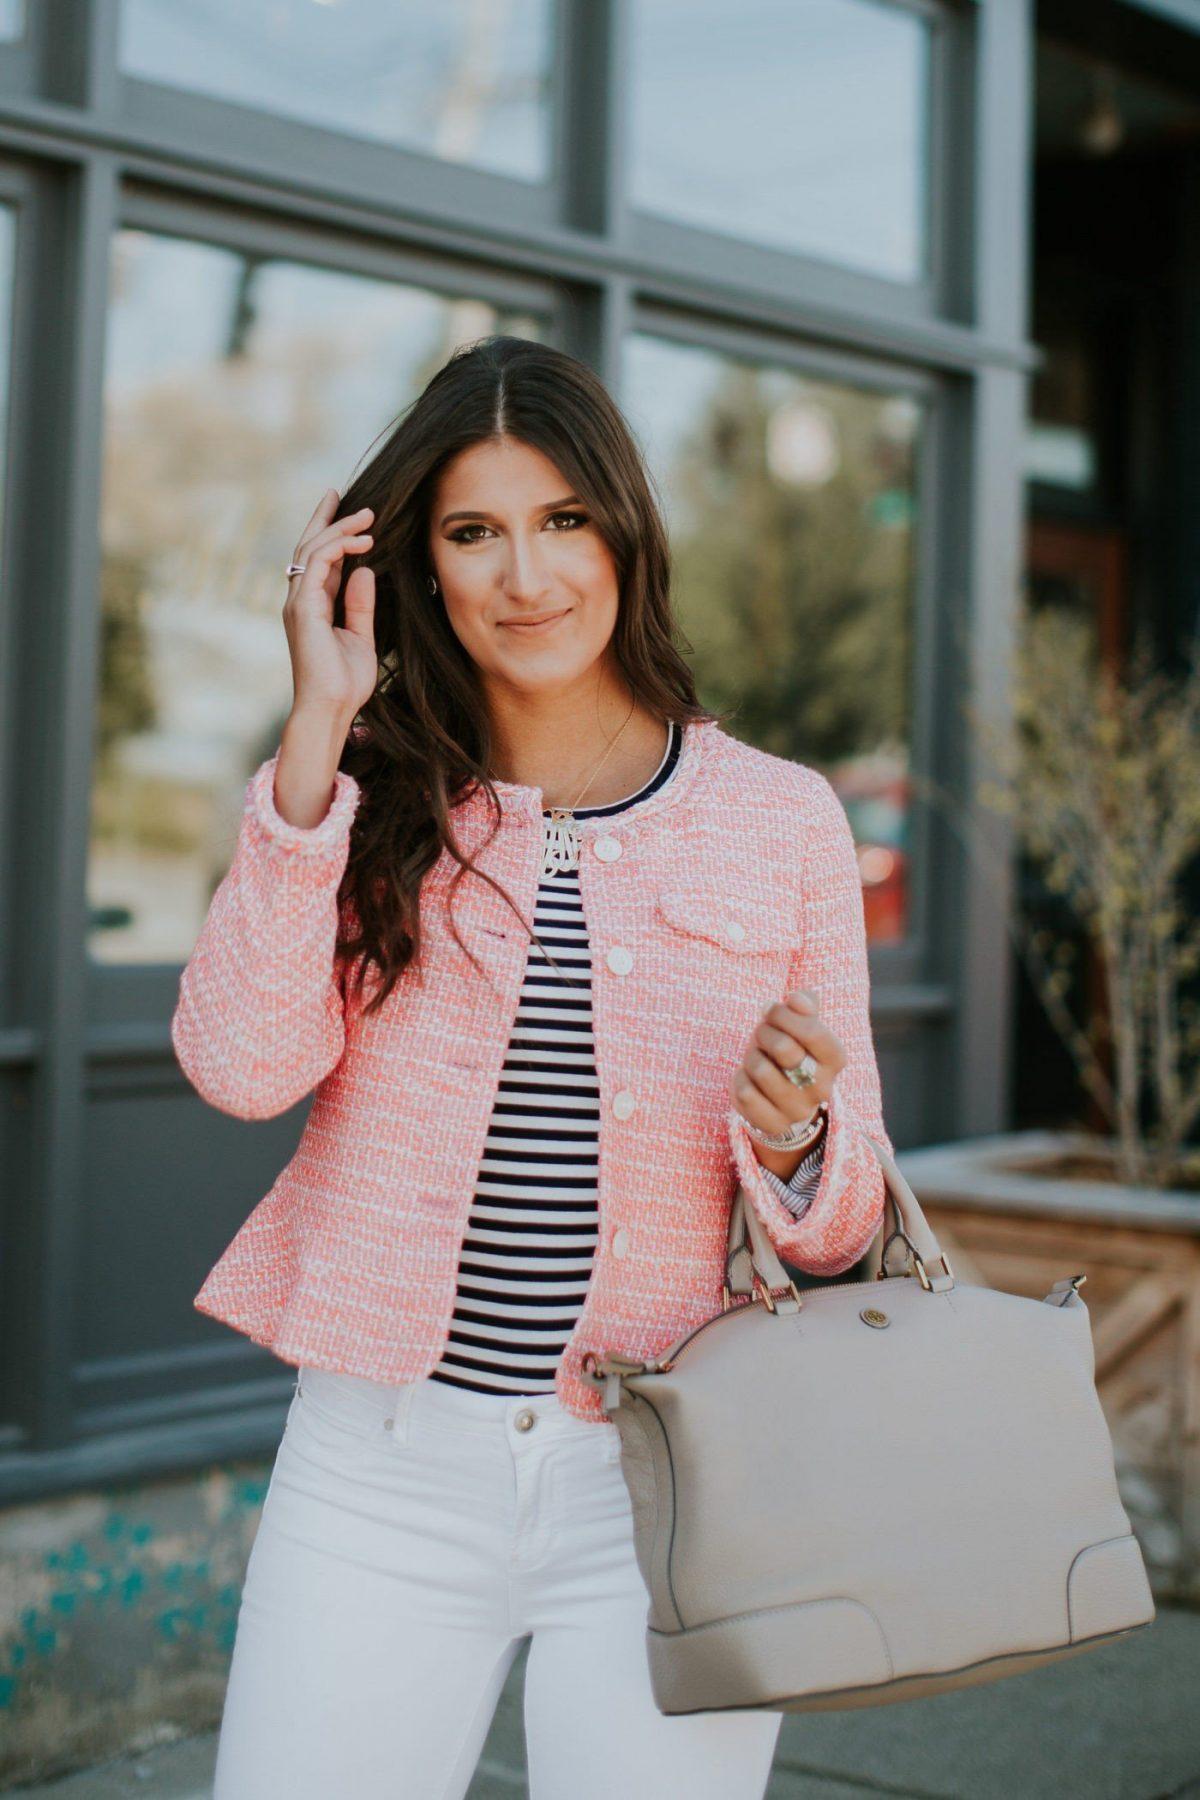 стильный образ весна 2019: розовый пиджак и светлые брюки повседневный